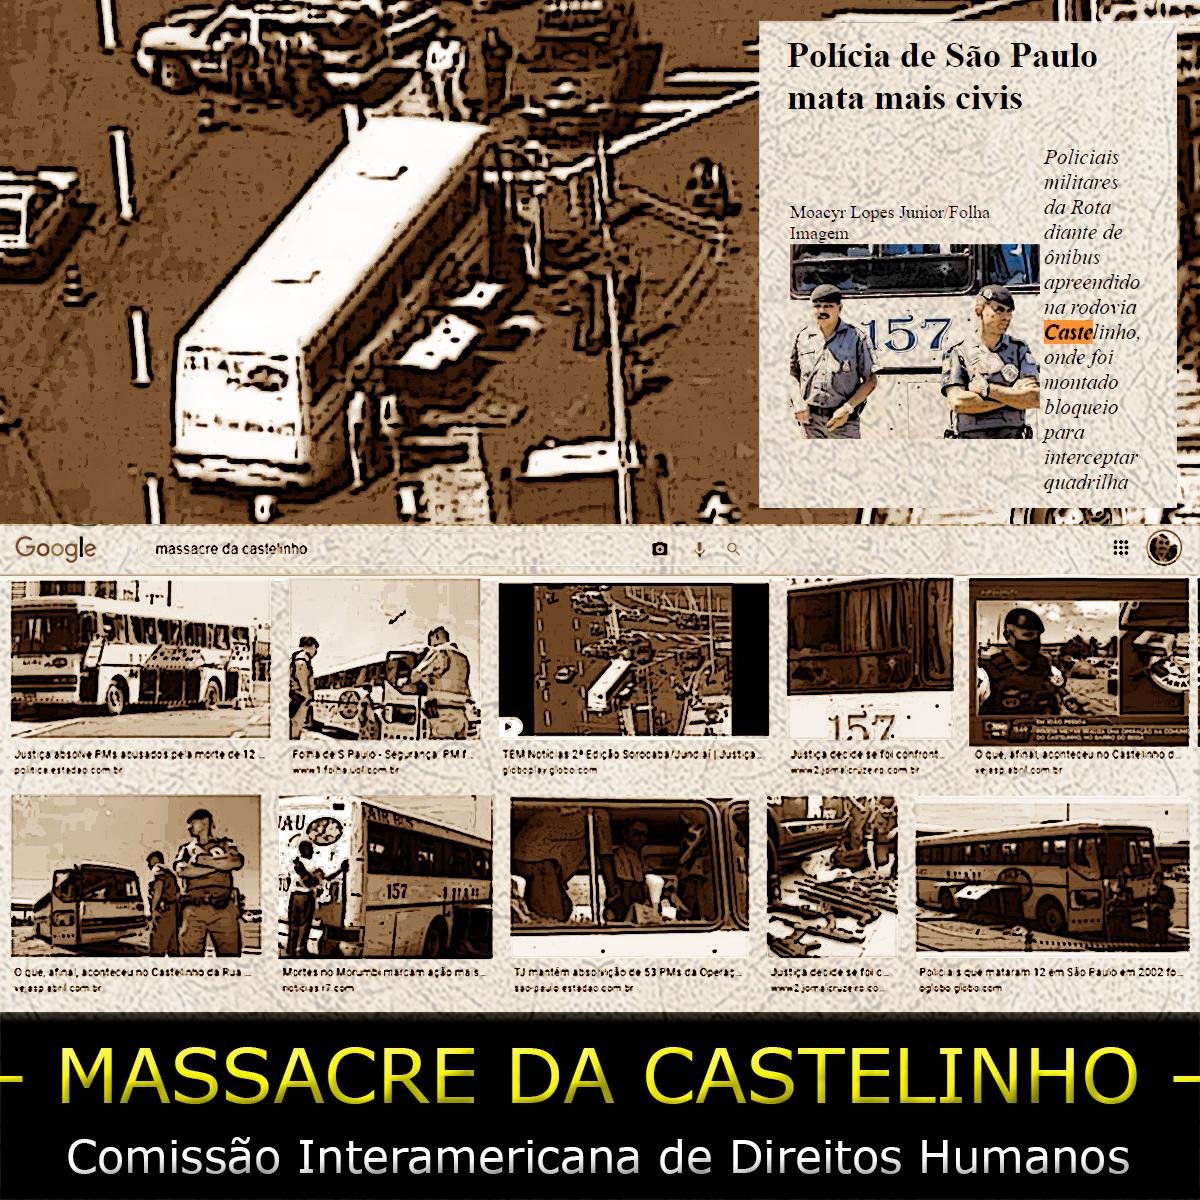 O caso do massacre da Castelinho vai para a CIDH